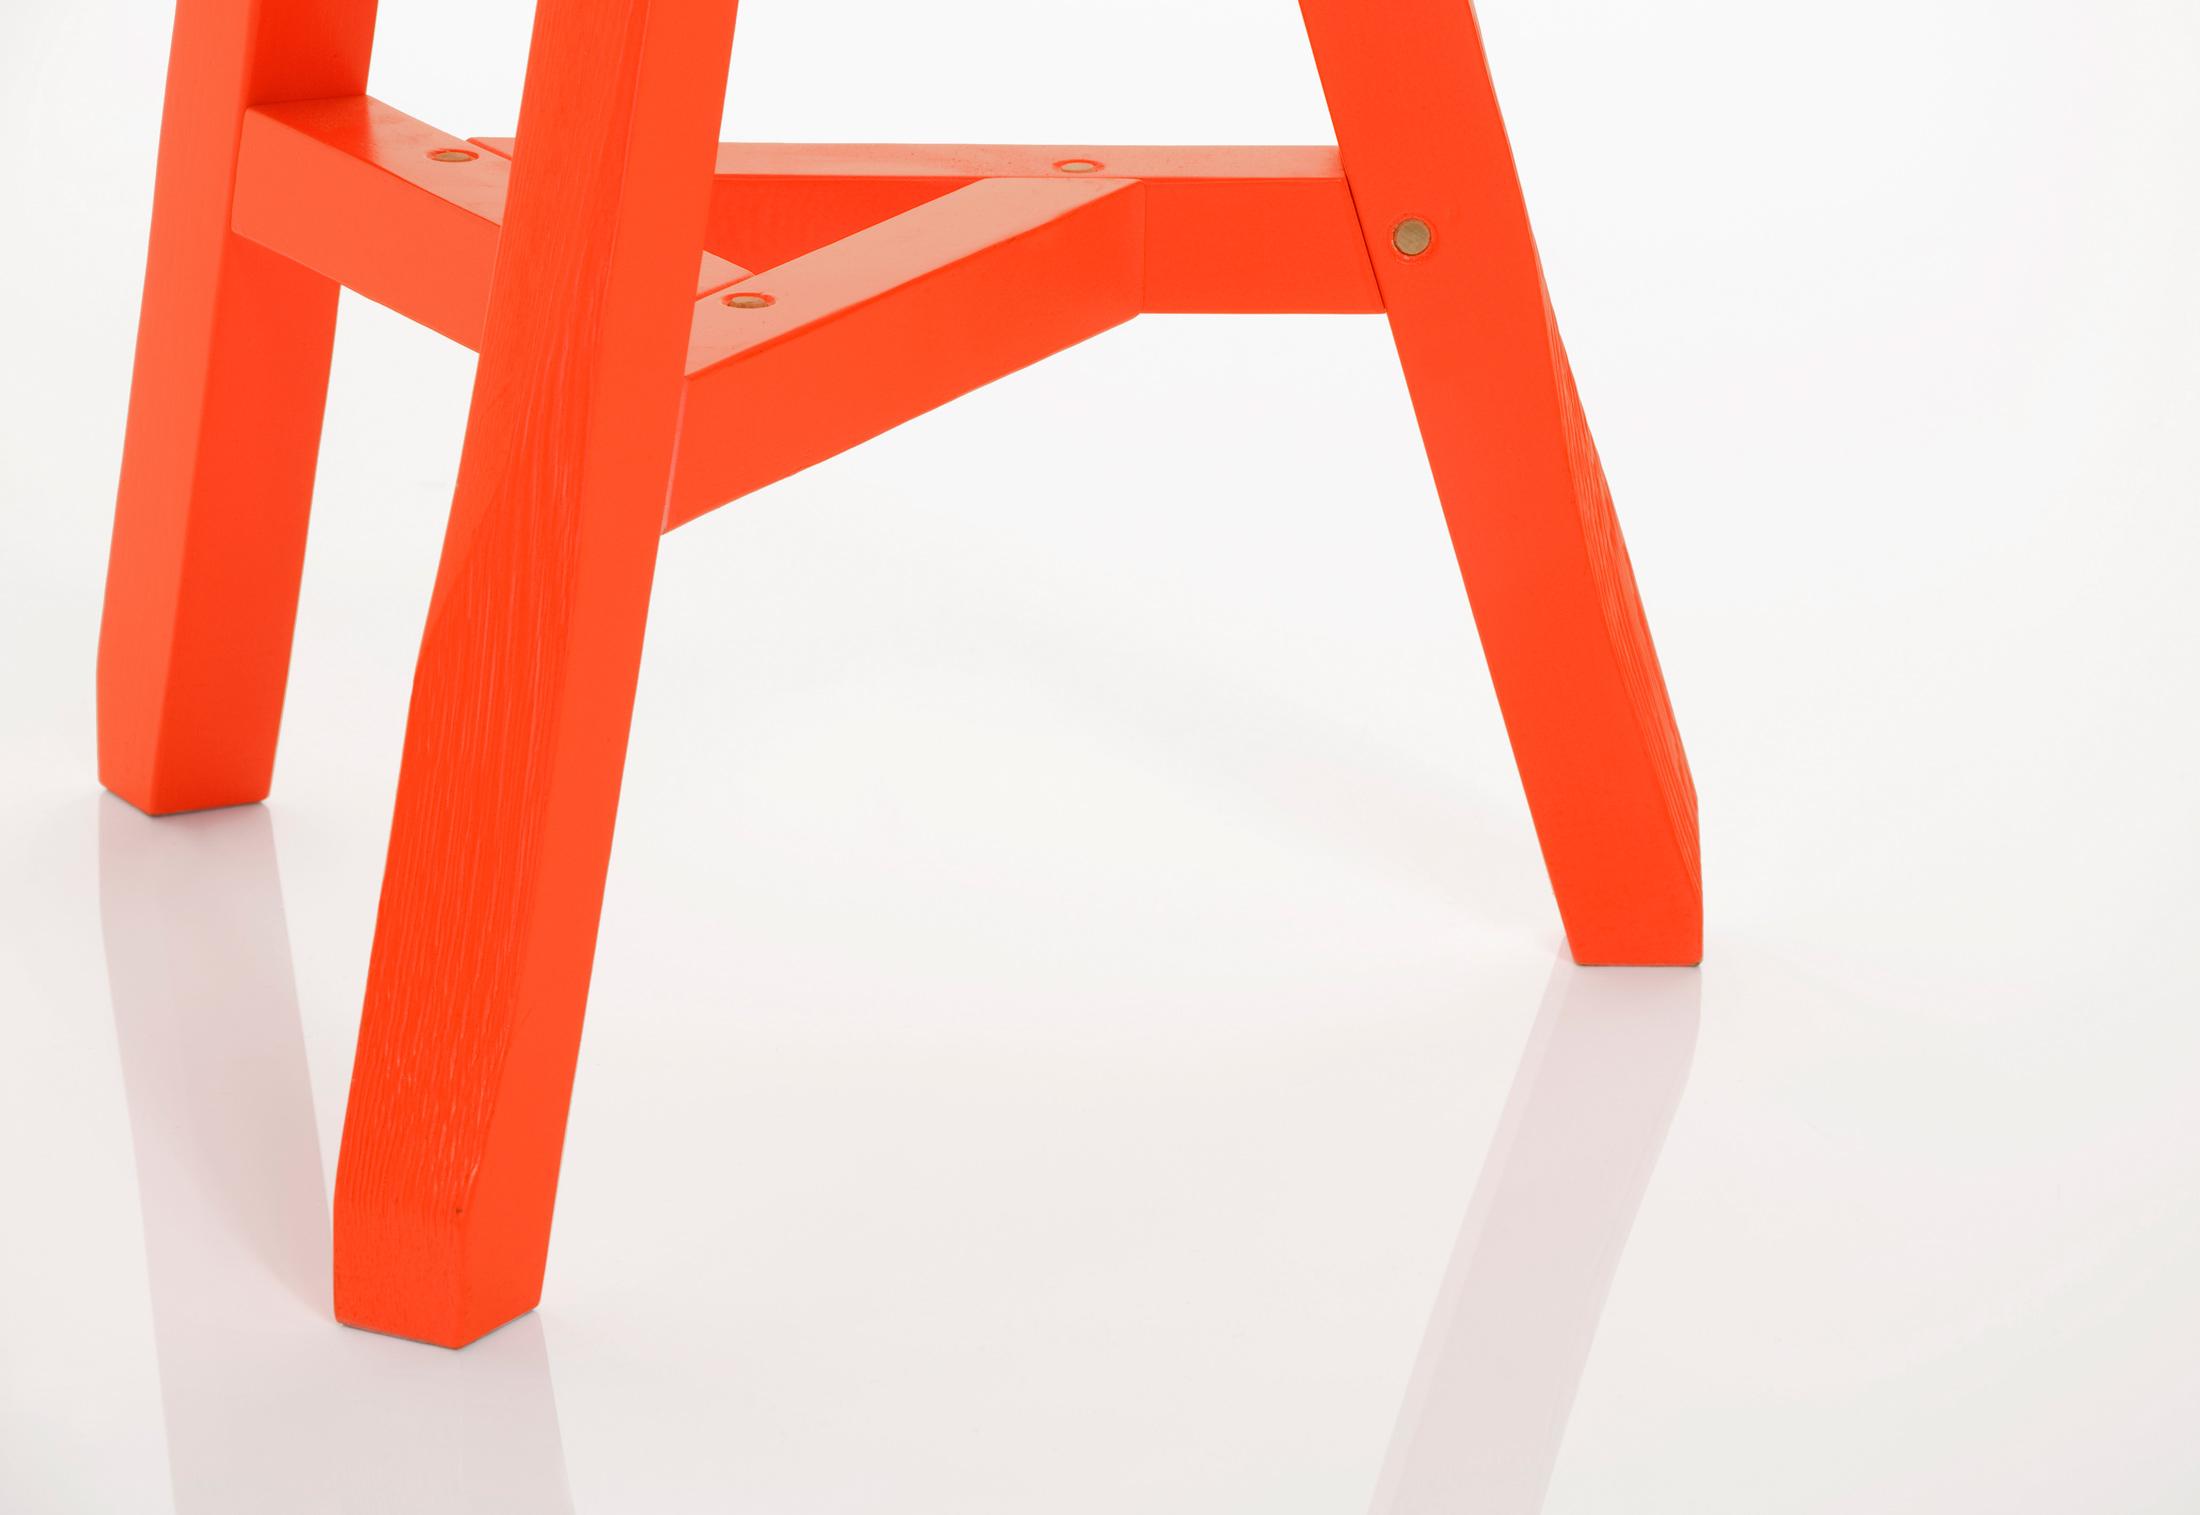 Offcut Fluoro Stool Von Tom Dixon Stylepark